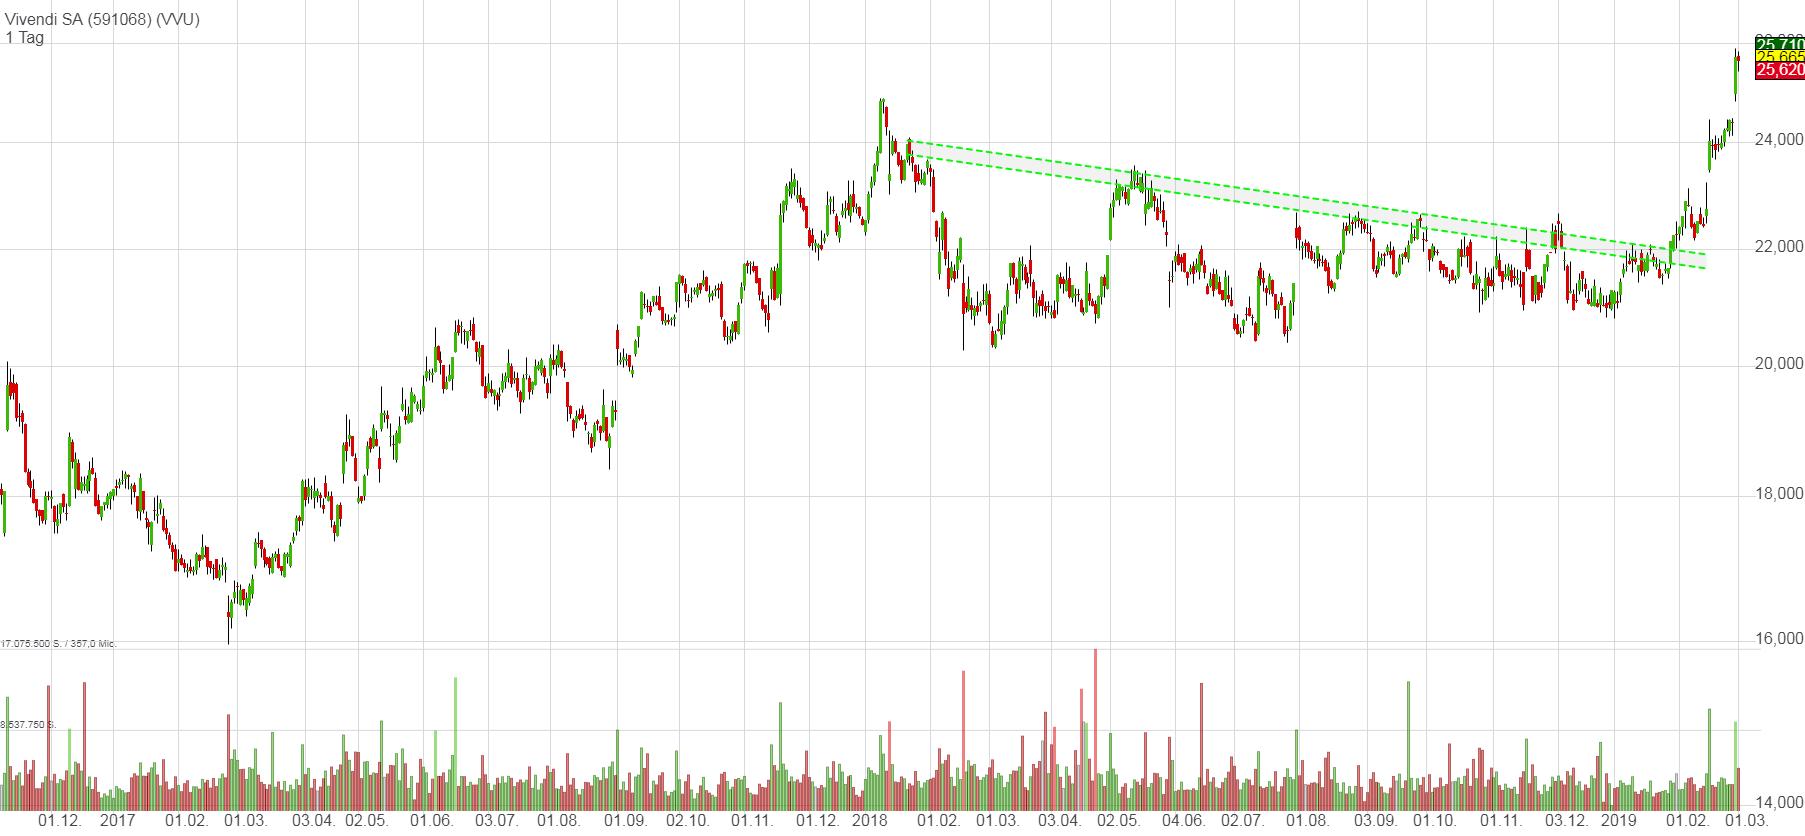 Ausbruch bei Vivendi im Tageschart (eigene Darstellung, erstellt mit TraderFox)